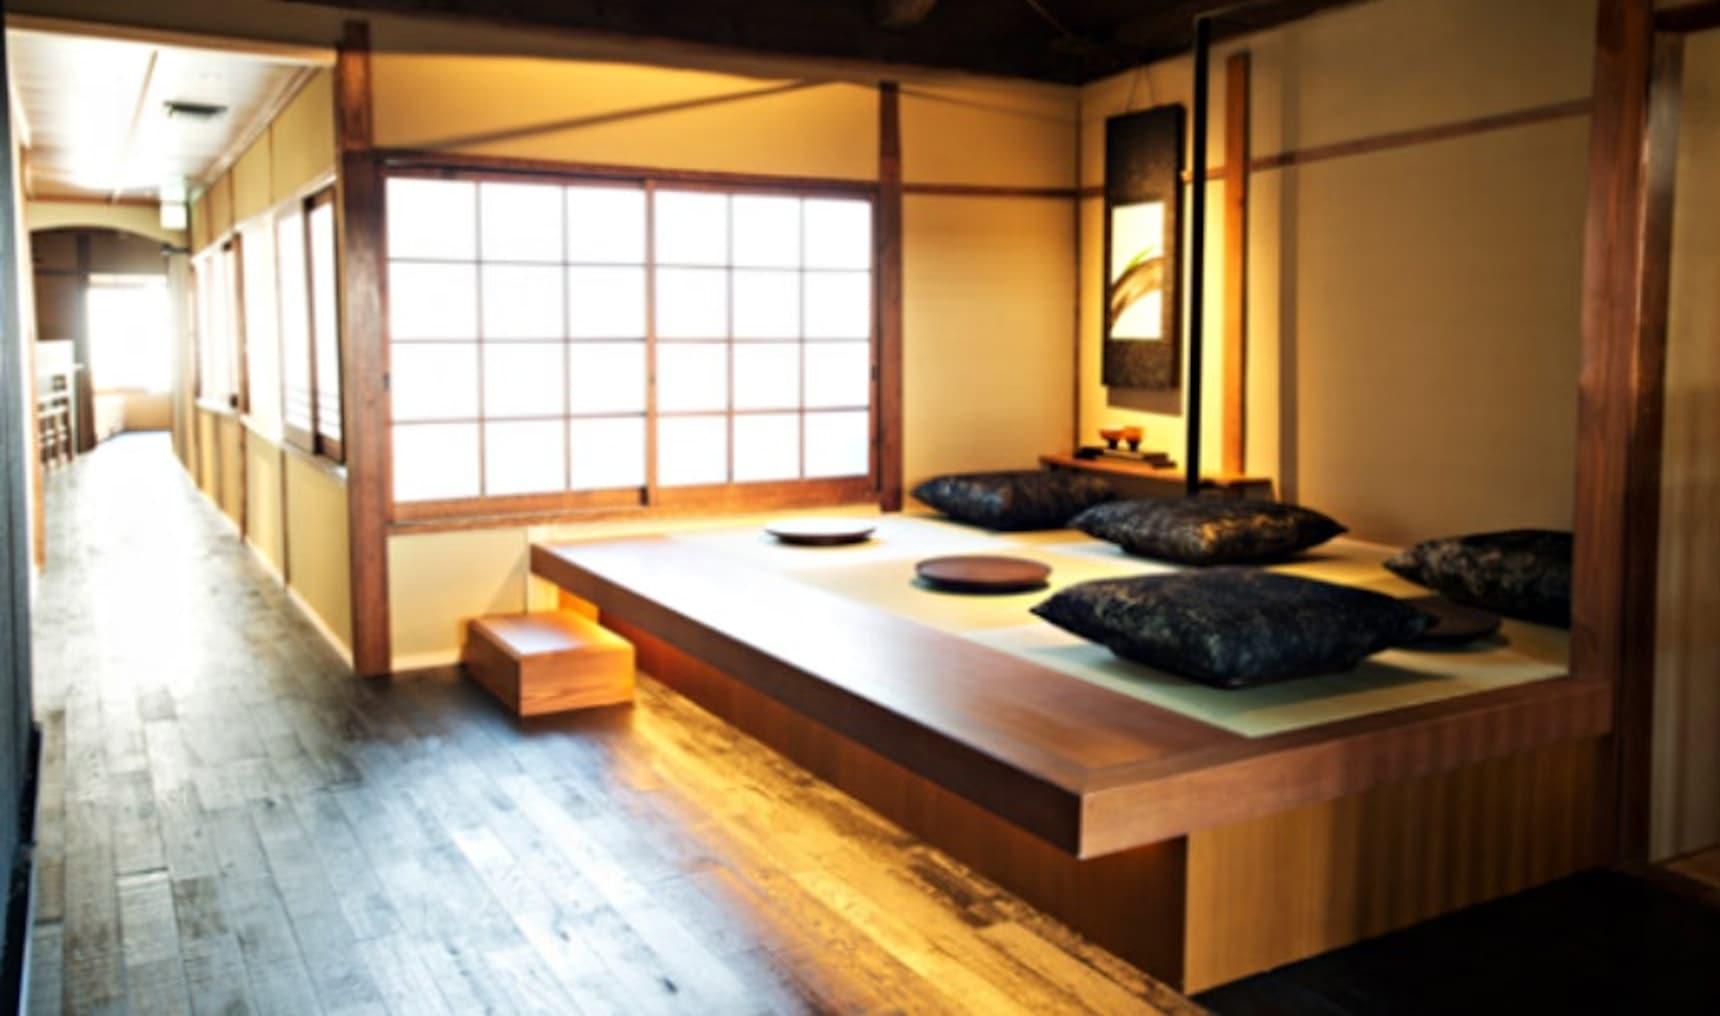 일본의 전통이 느껴지는 교토의 스타벅스